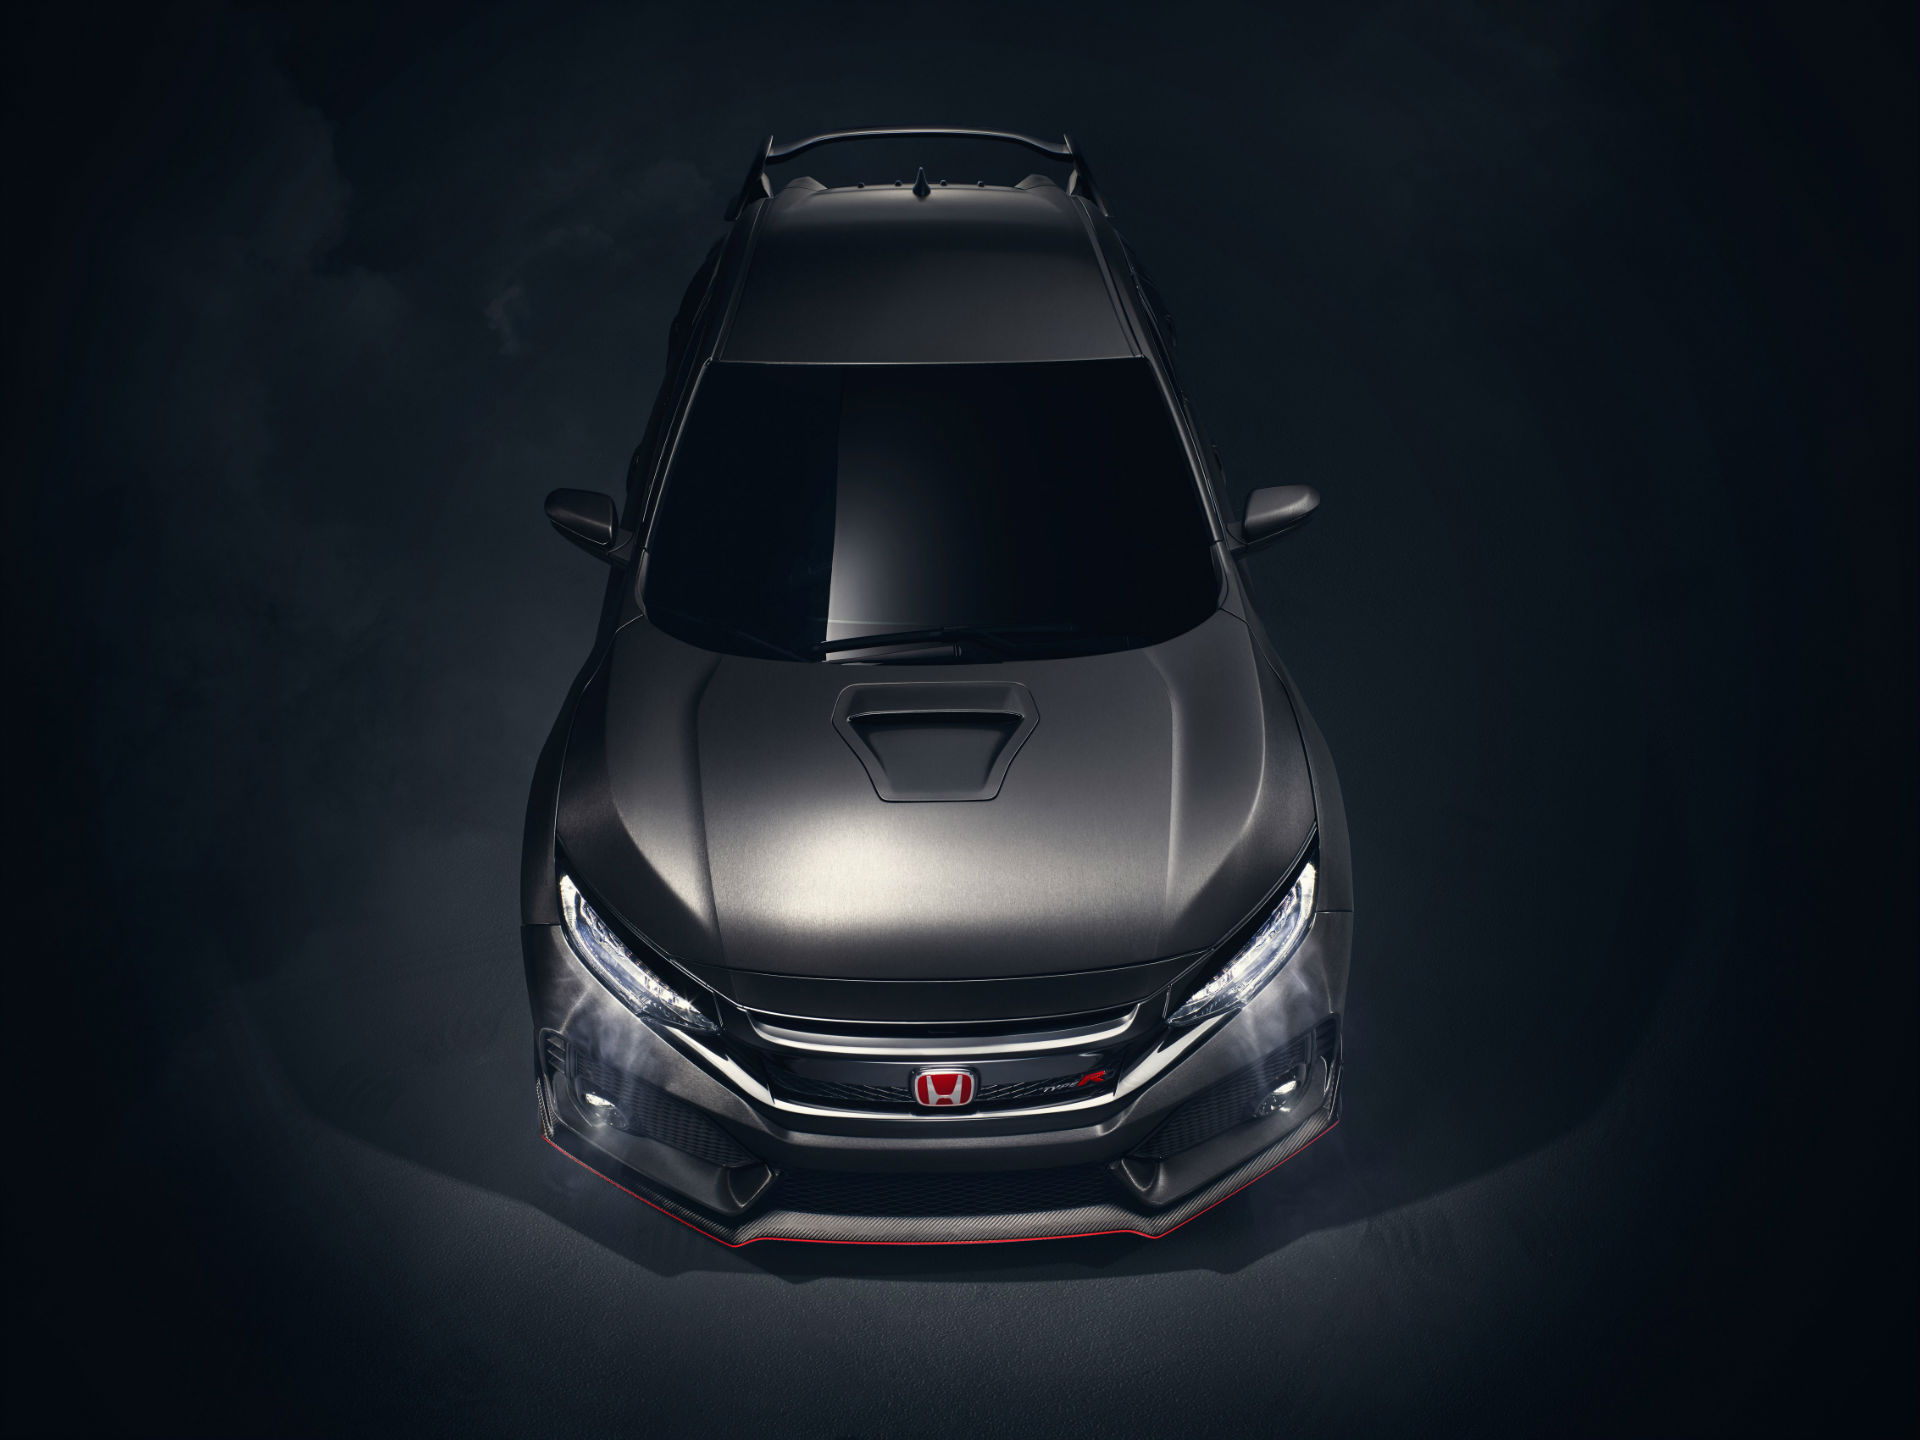 2017 Honda Civic Type R Breaks Cover Carwitter